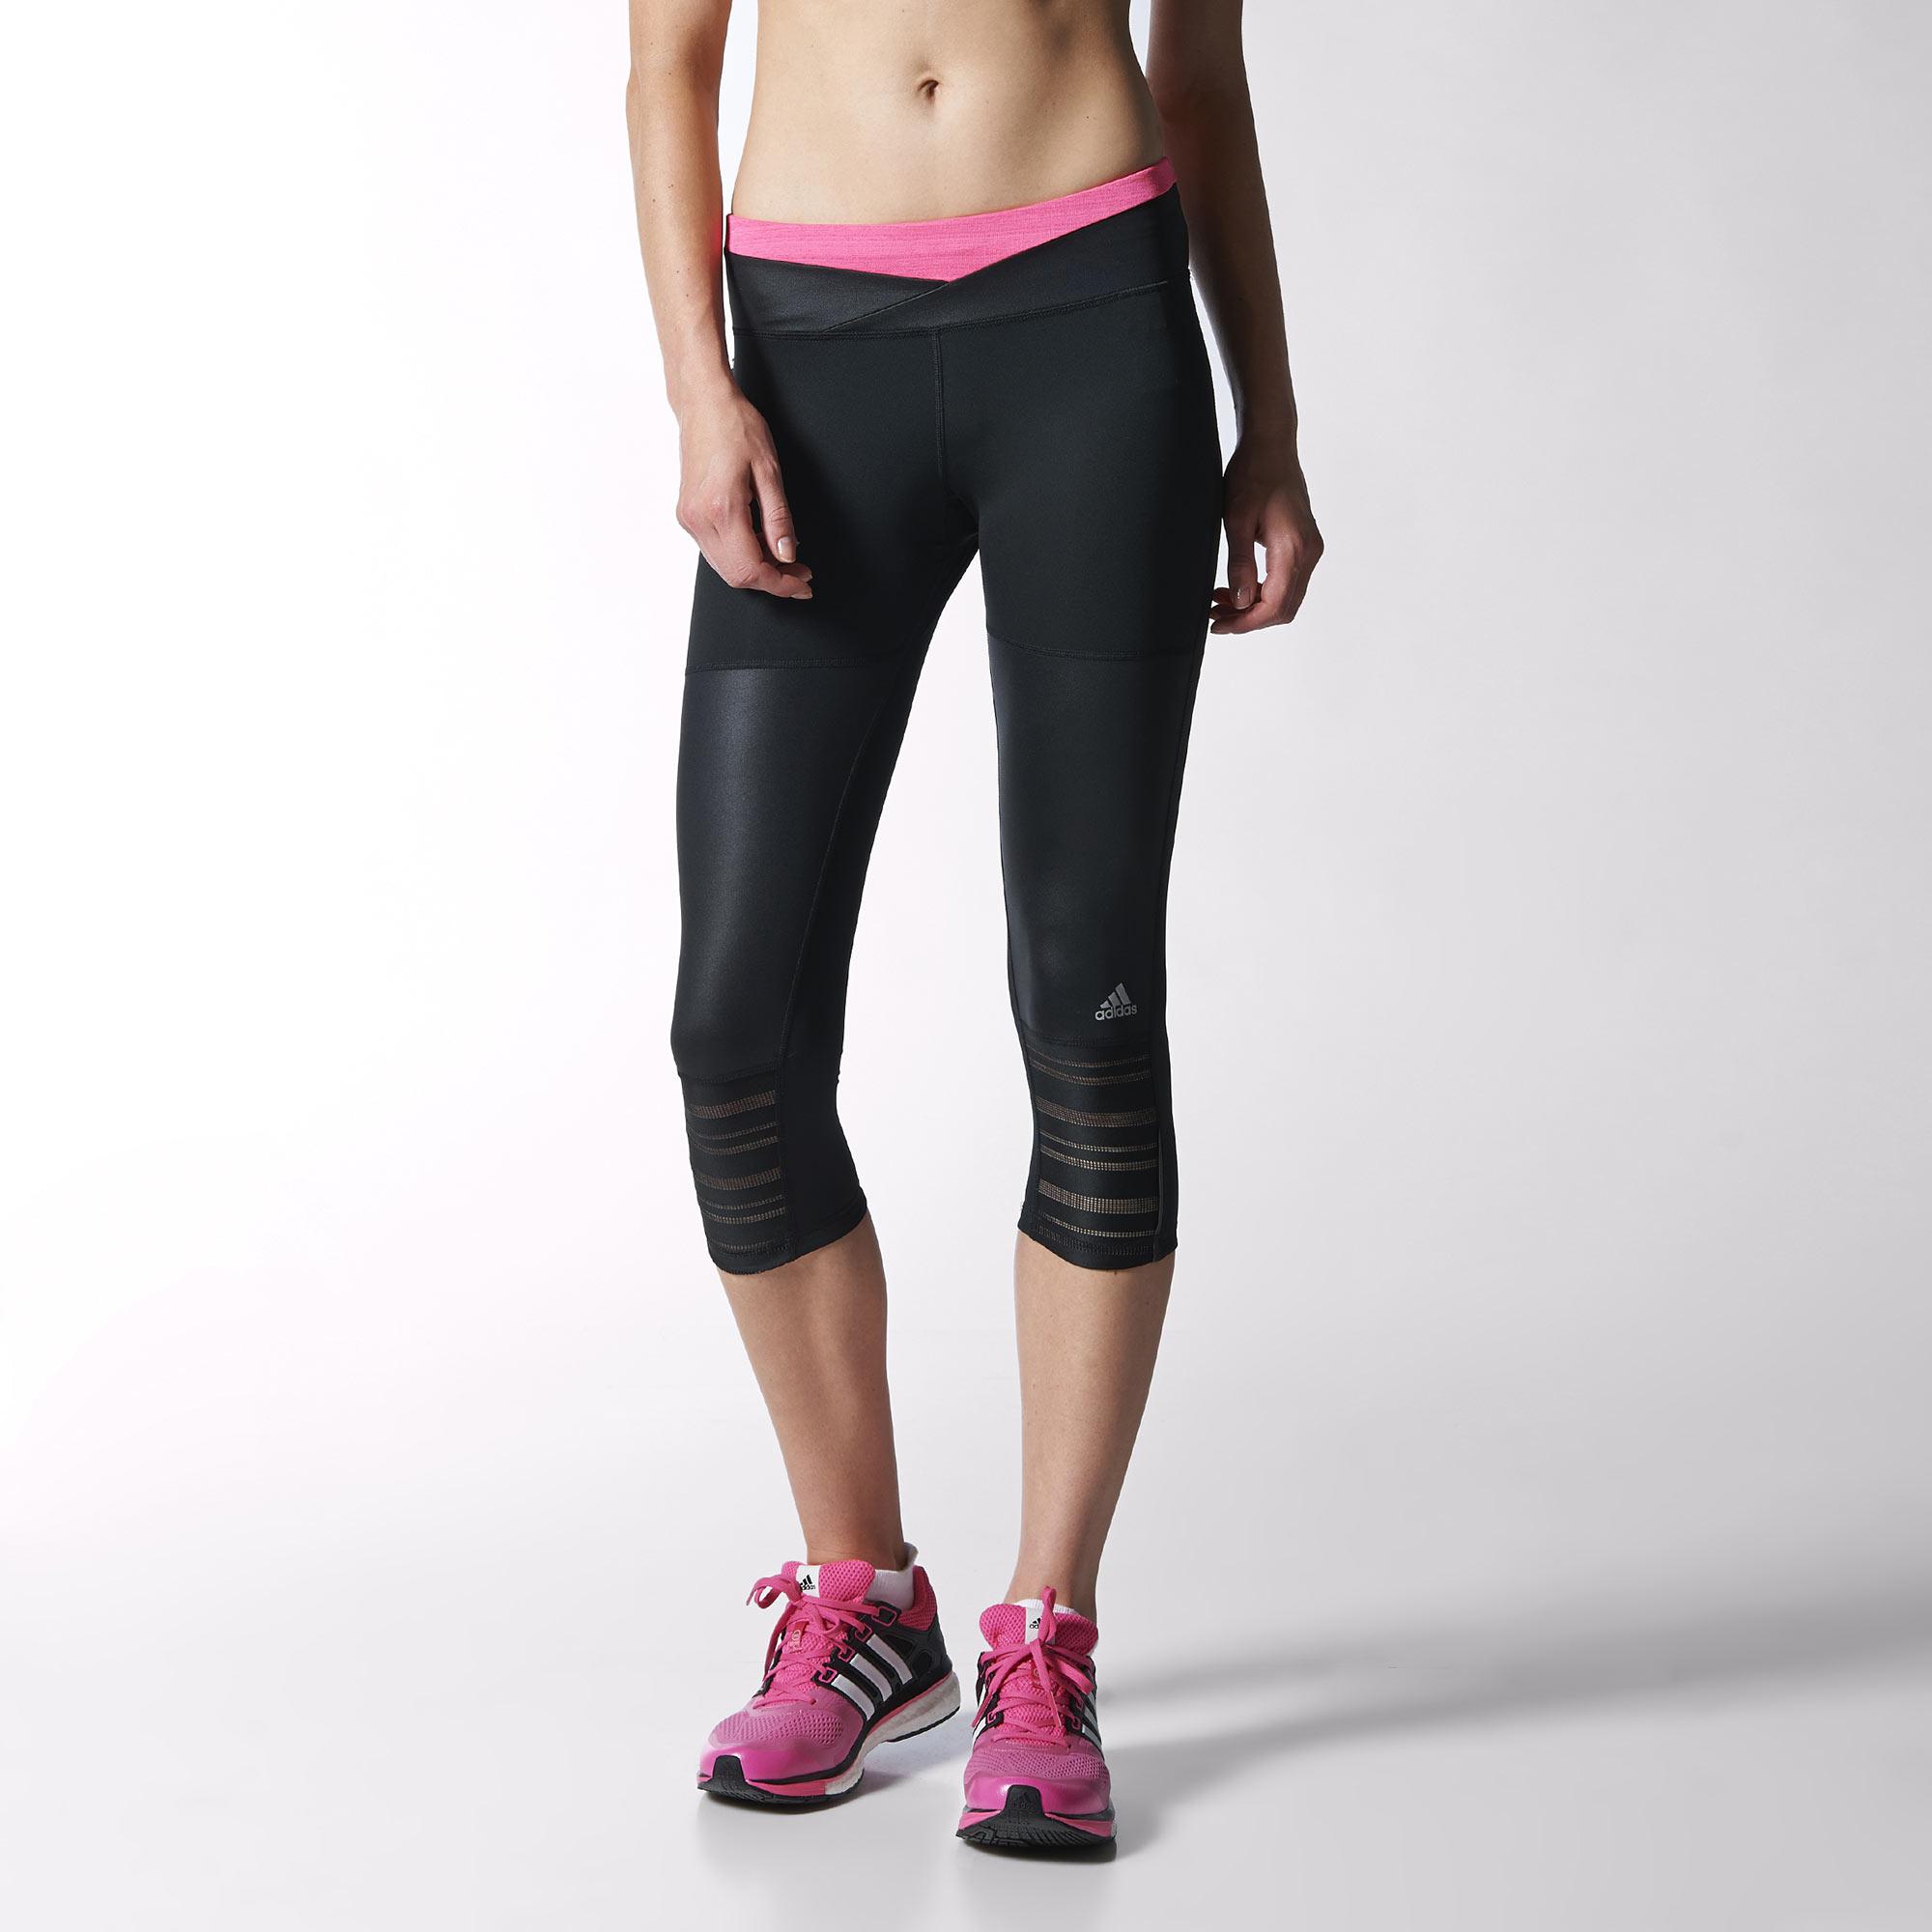 adidas legging 3 4 supernova femme. Black Bedroom Furniture Sets. Home Design Ideas